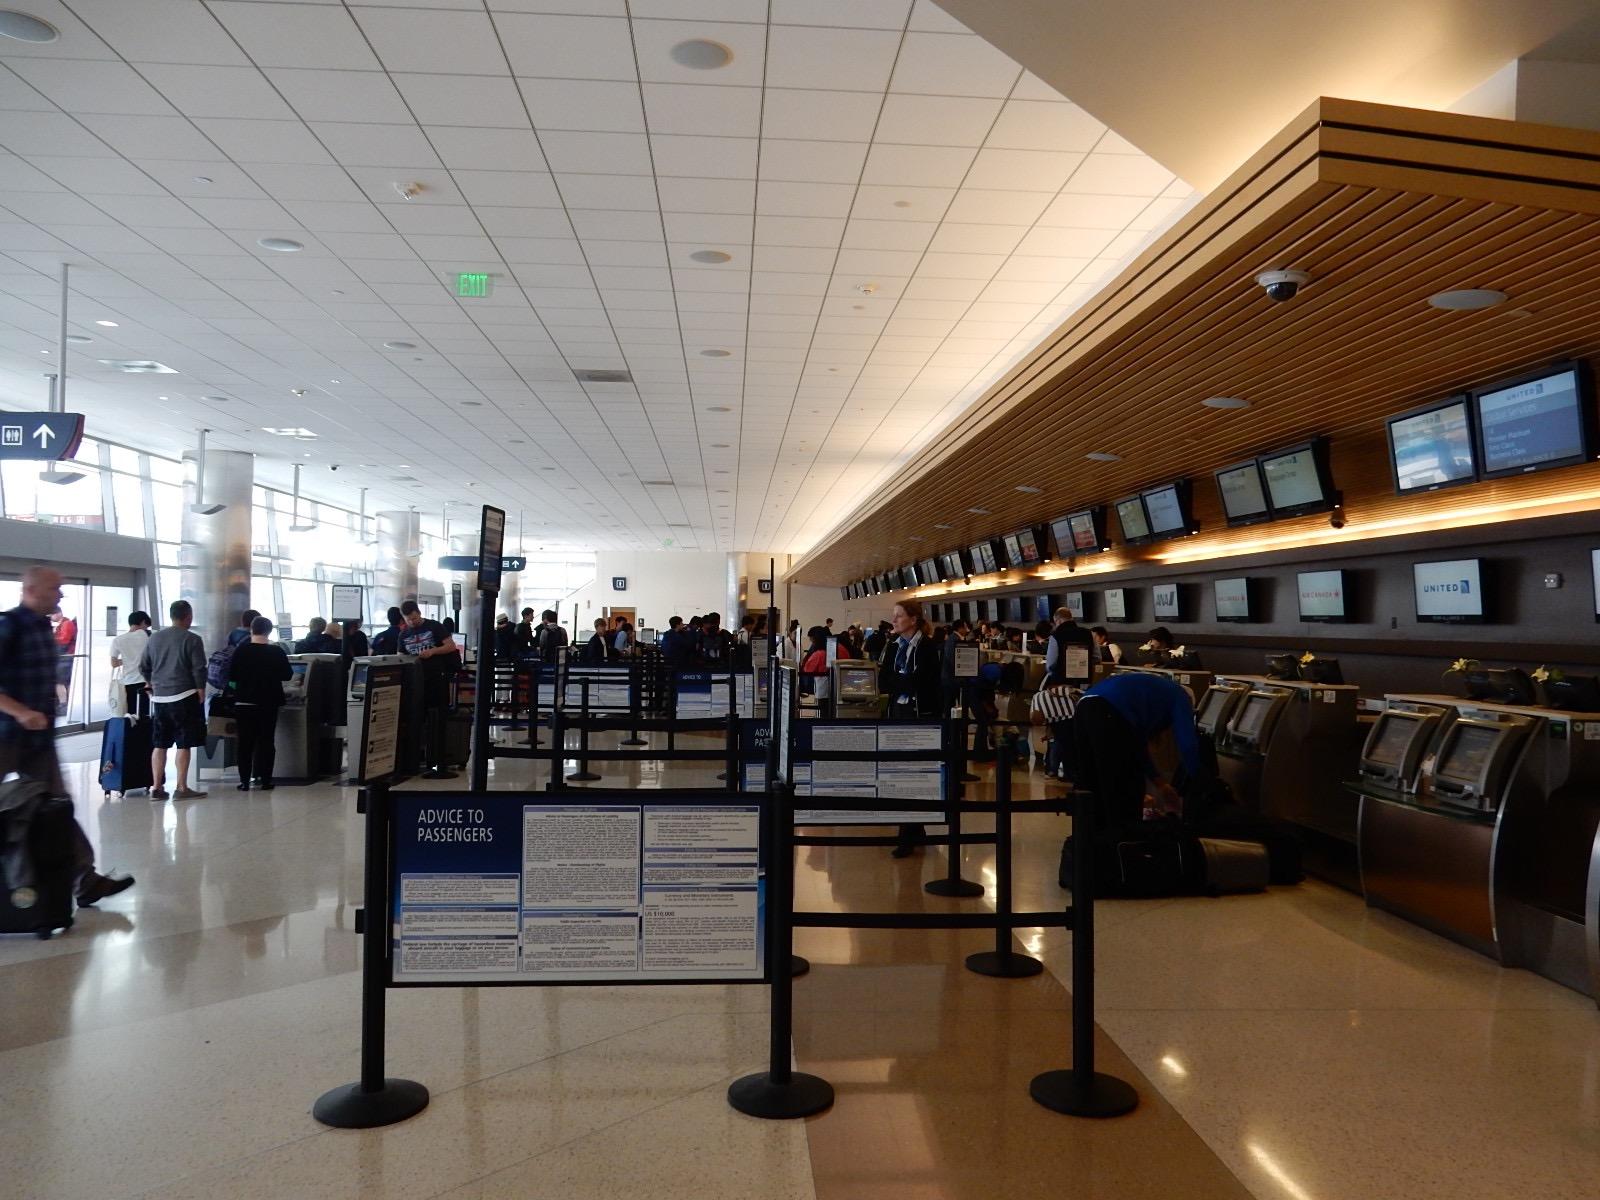 サンノゼ国際空港(SJC)の機窓か...